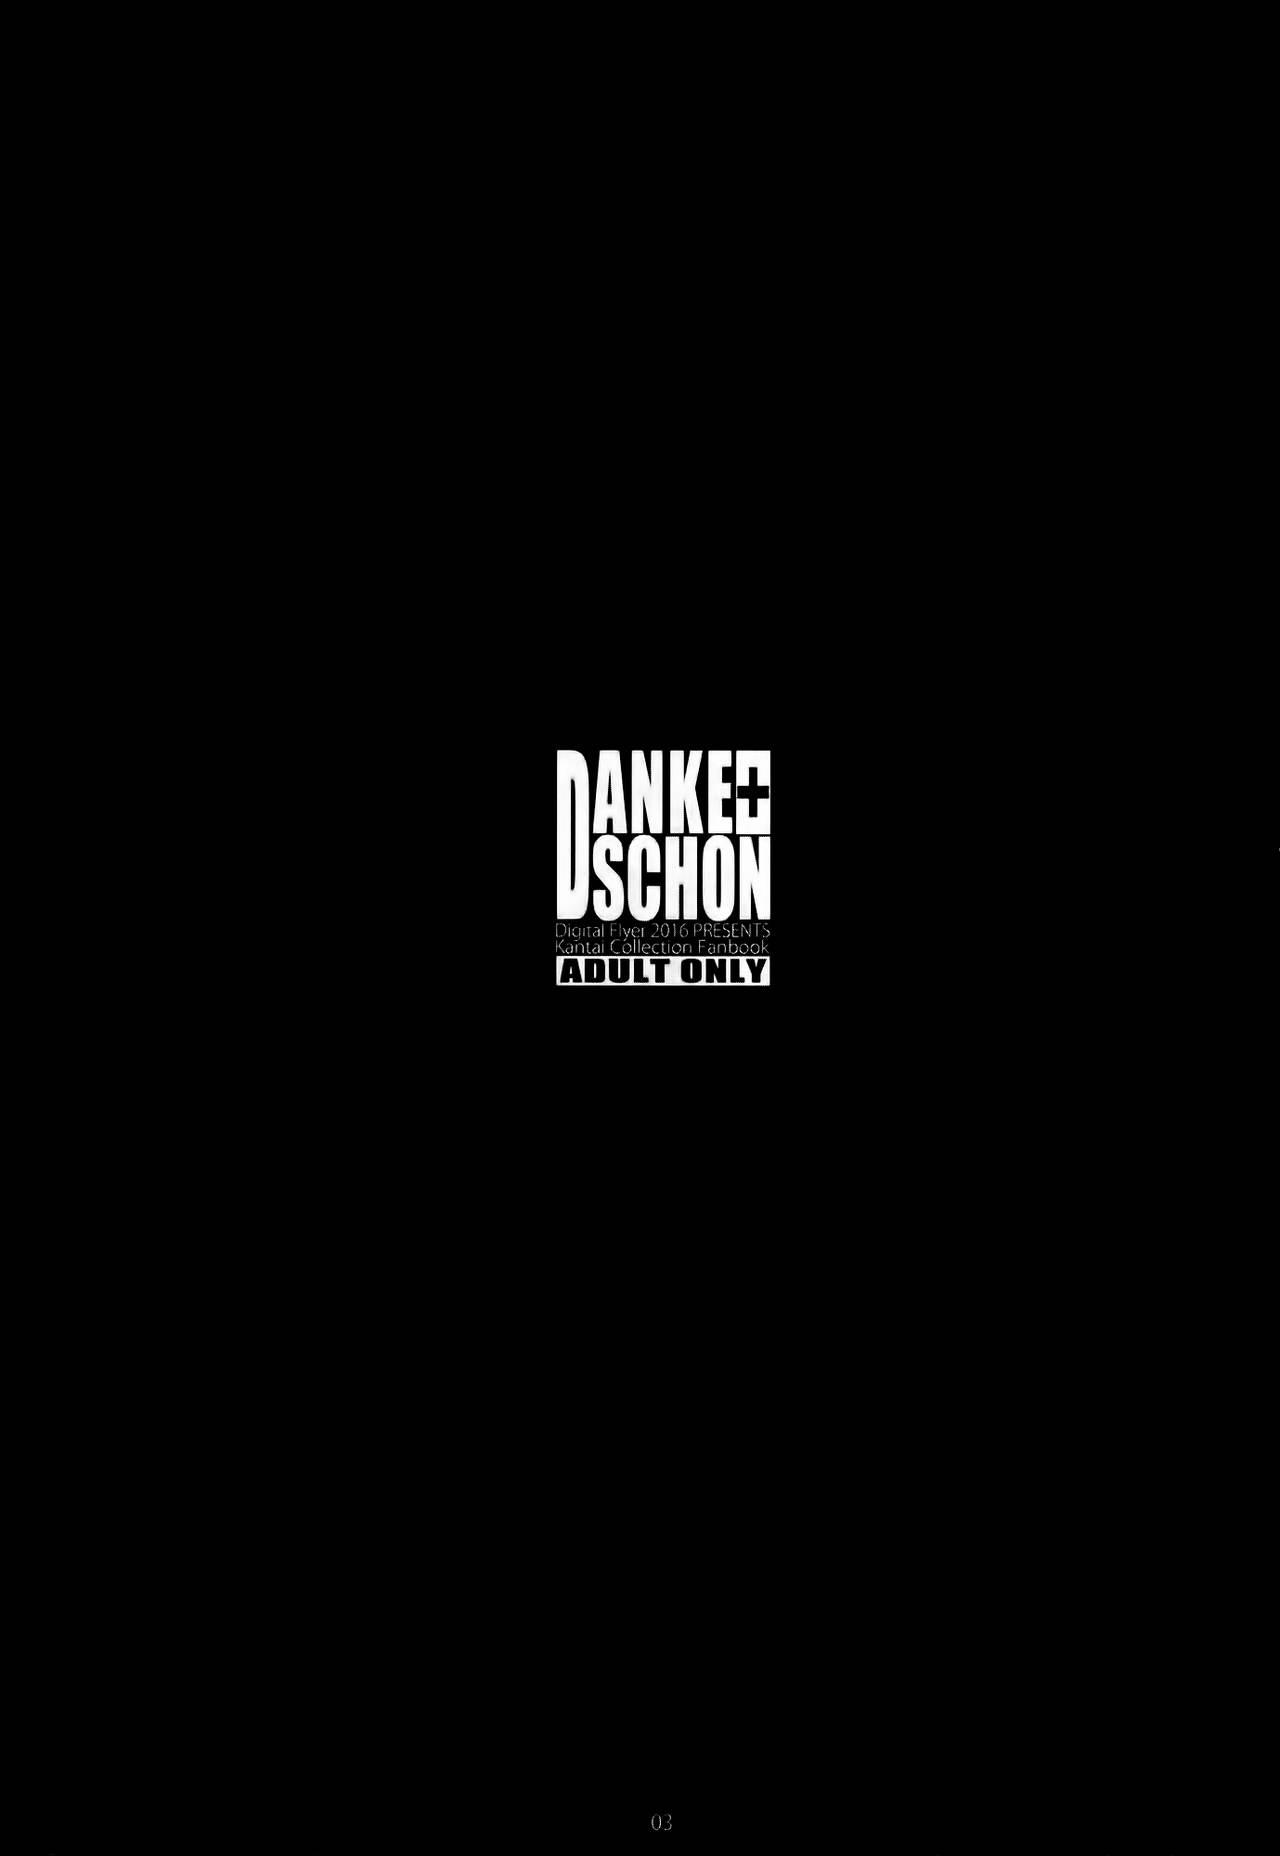 DANKE+SCHON 1